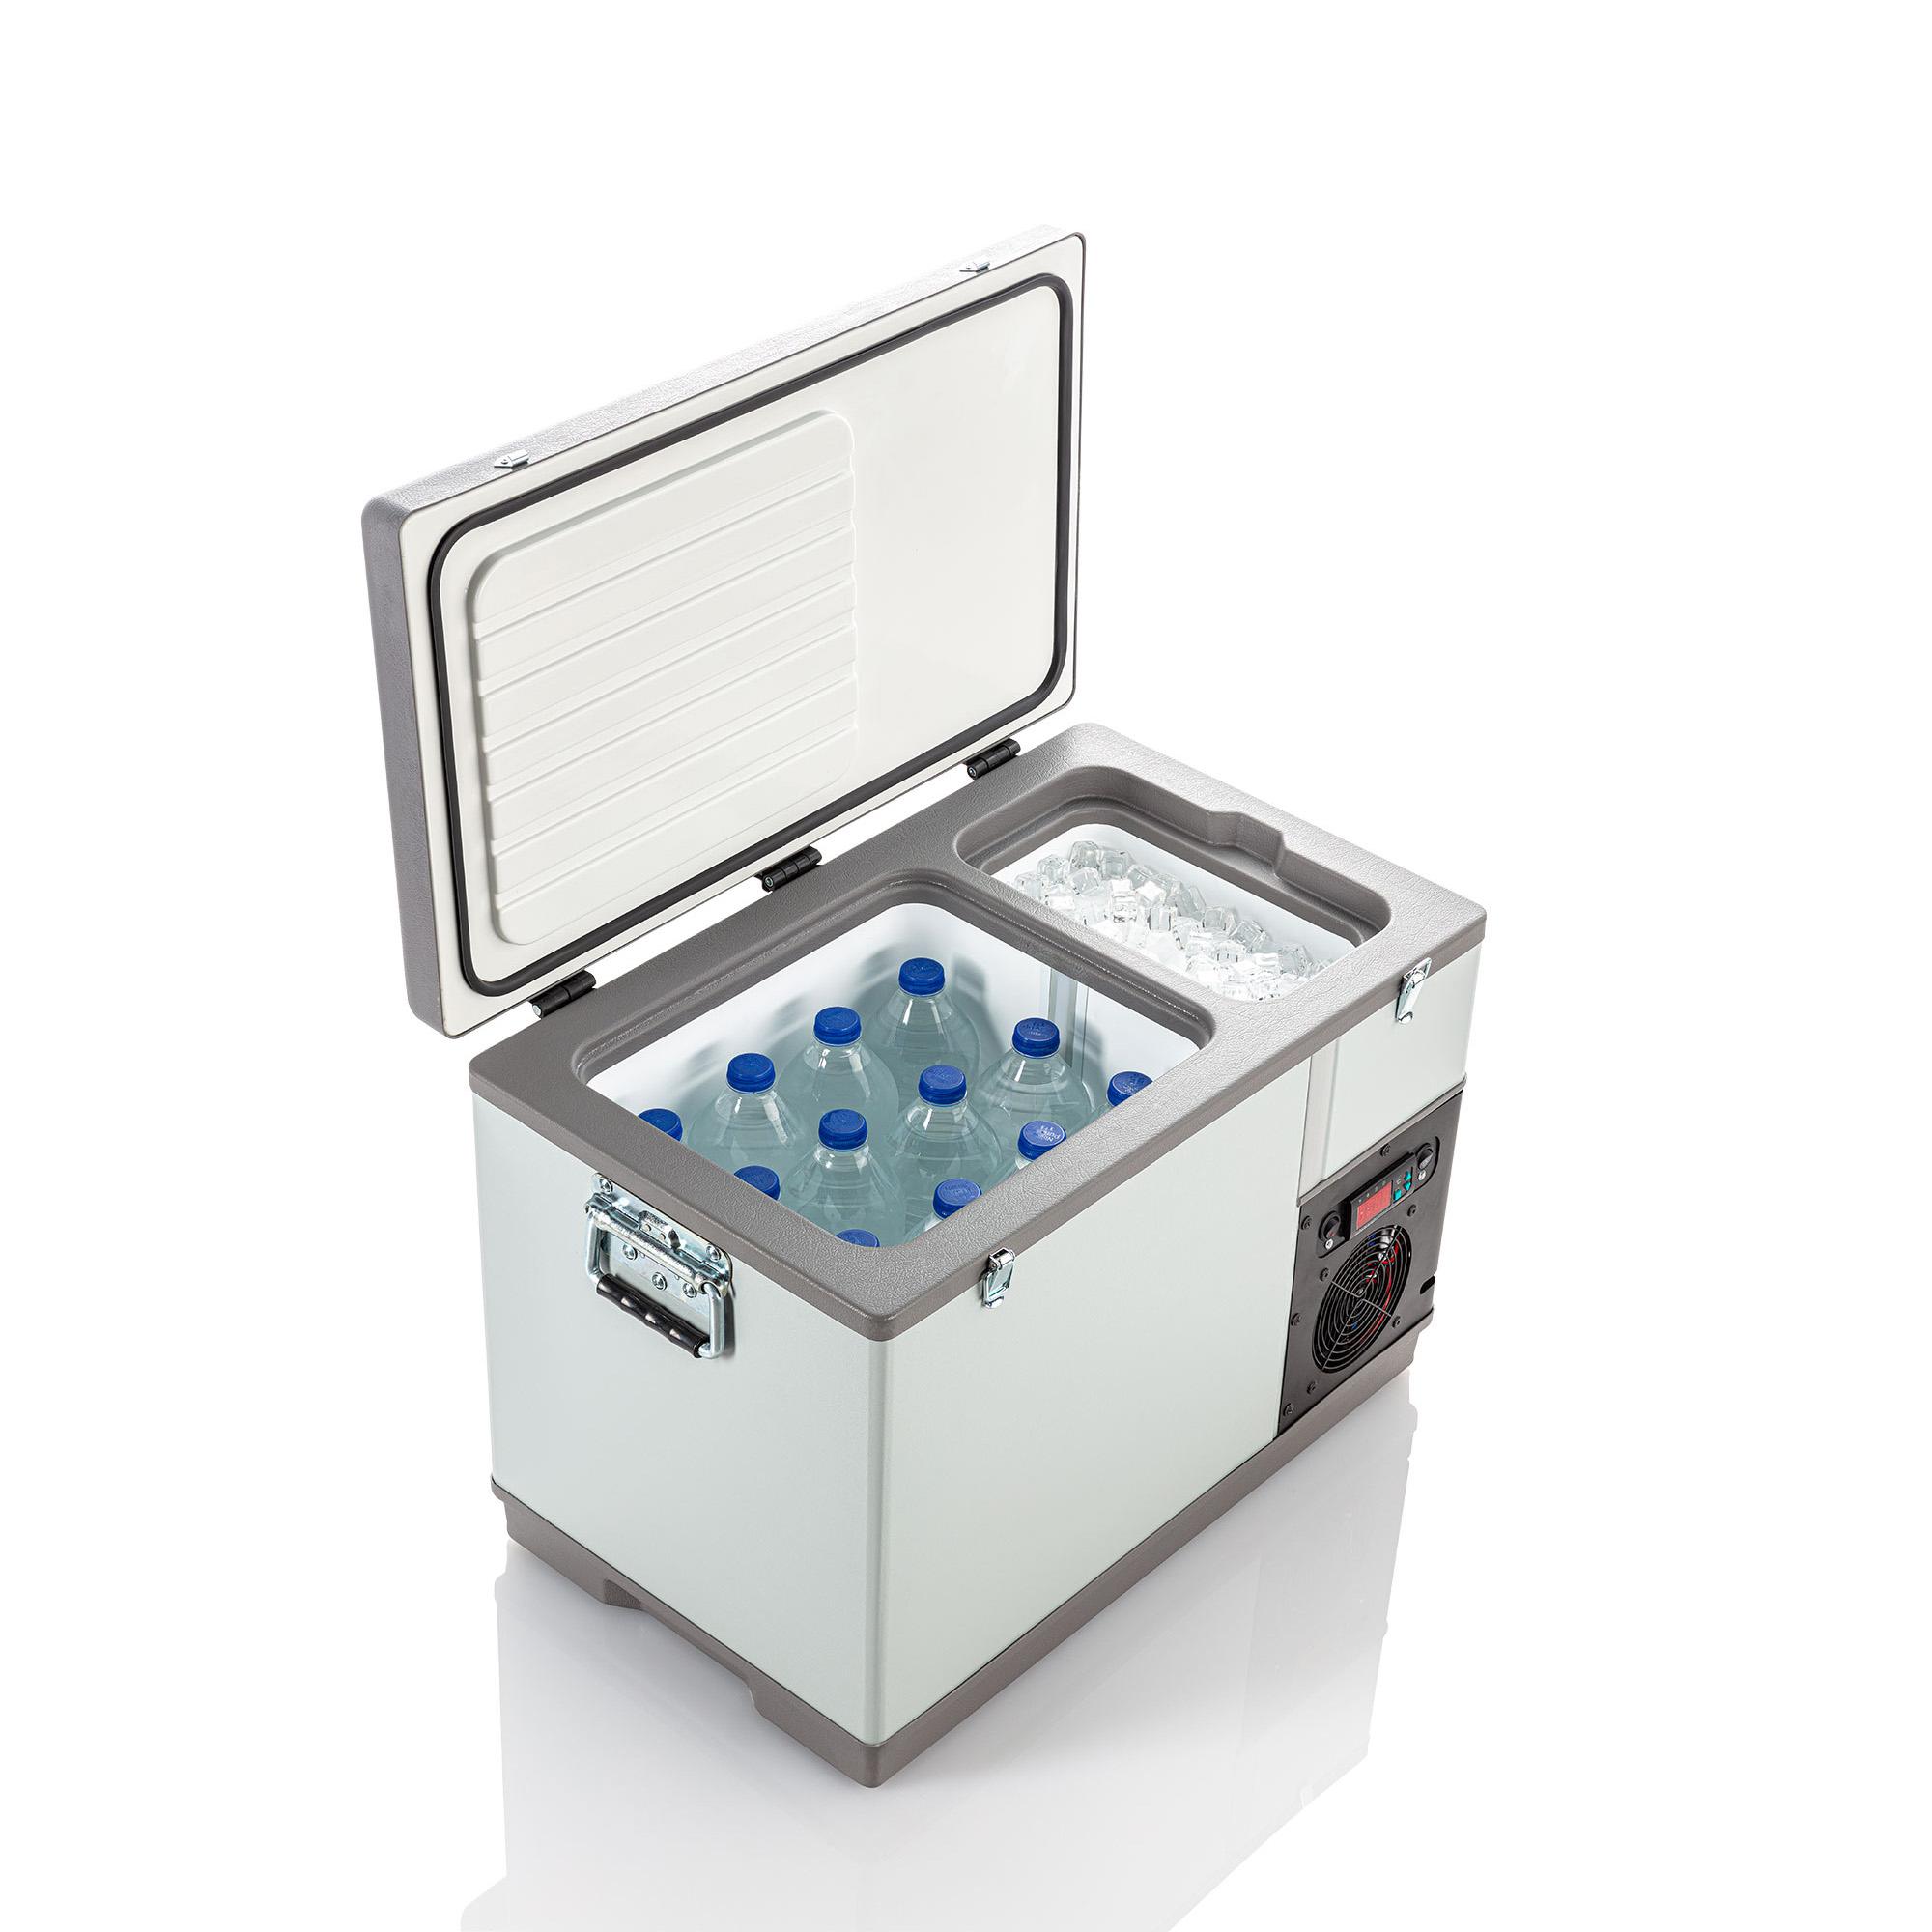 MEC 3856 COMBI 53 LT Soğutucu Araç Buzdolabı